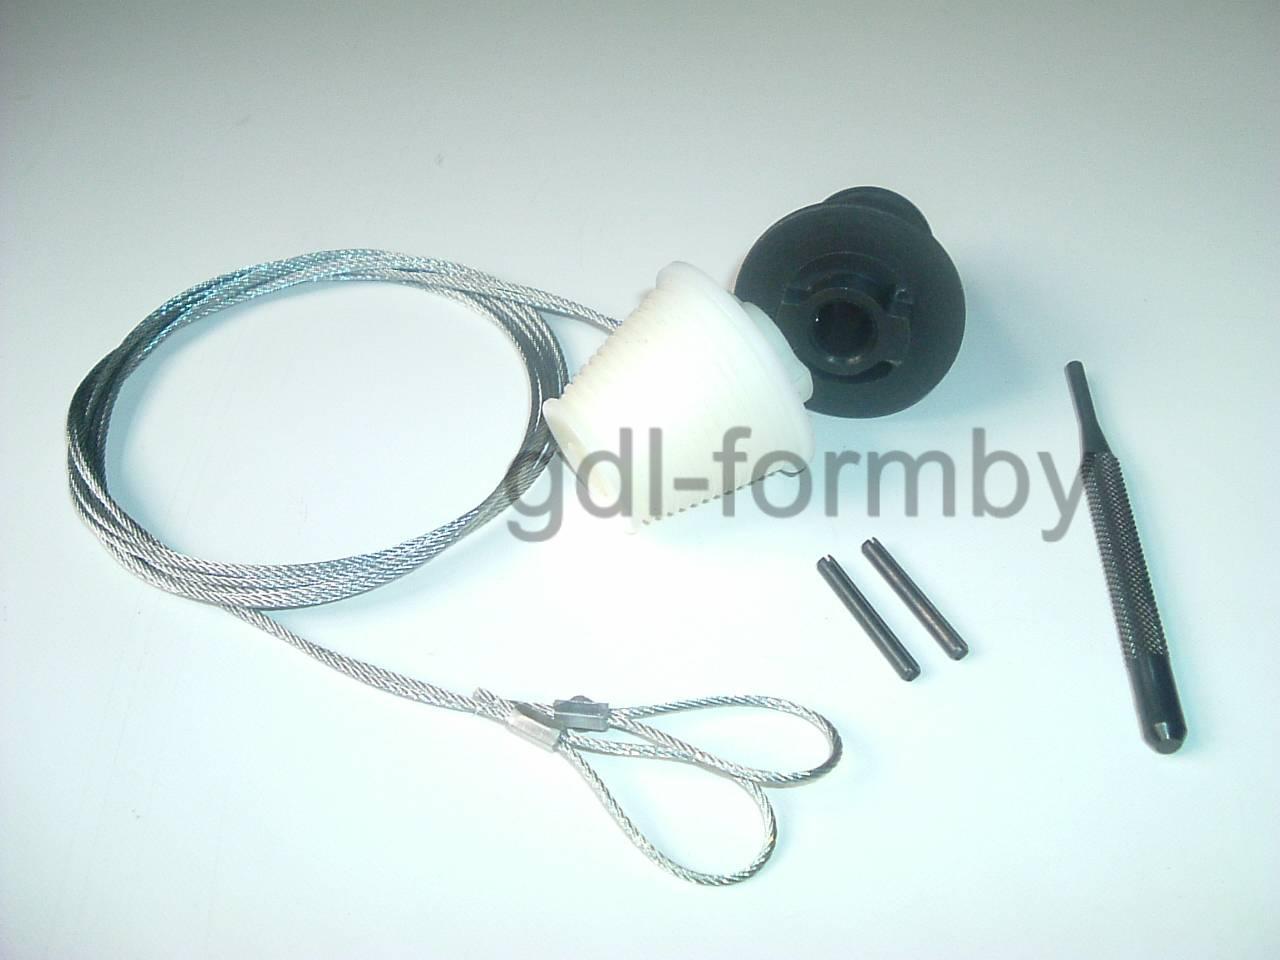 Apex Bolton Cones Amp Cables Drums Lift Wires Garage Door